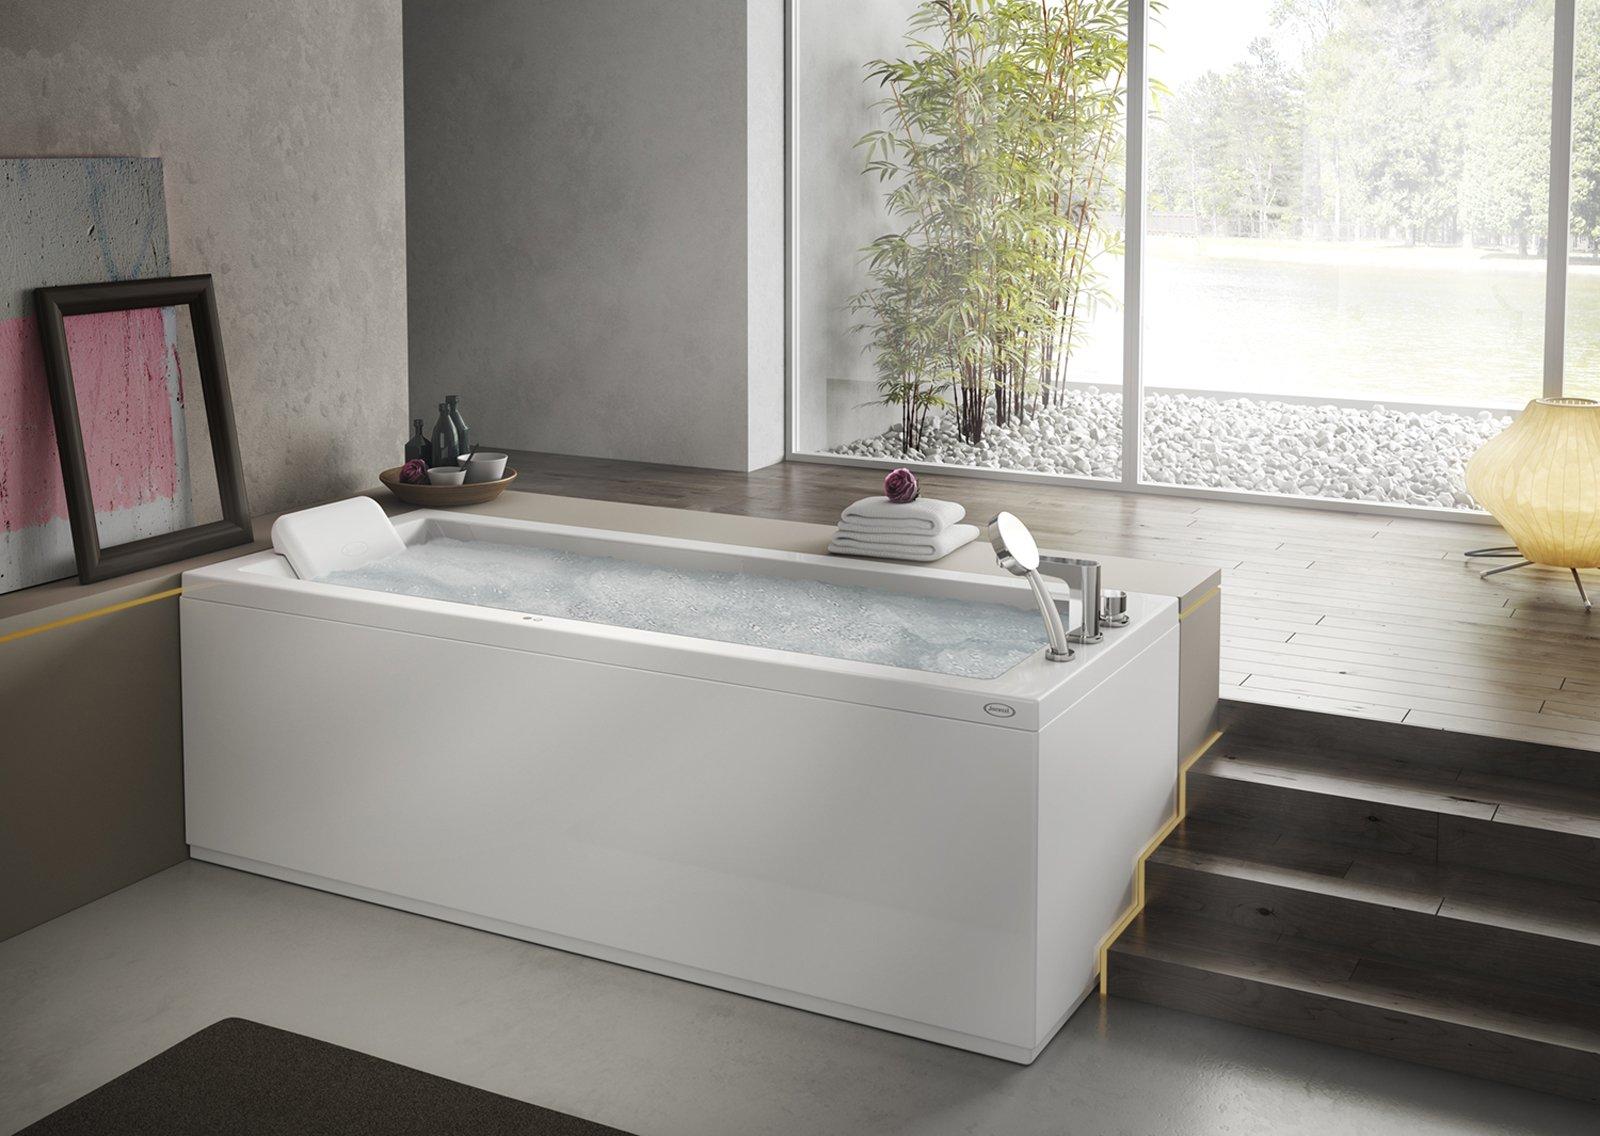 Casa immobiliare accessori prezzi vasche jacuzzi - Vasche da bagno roma ...